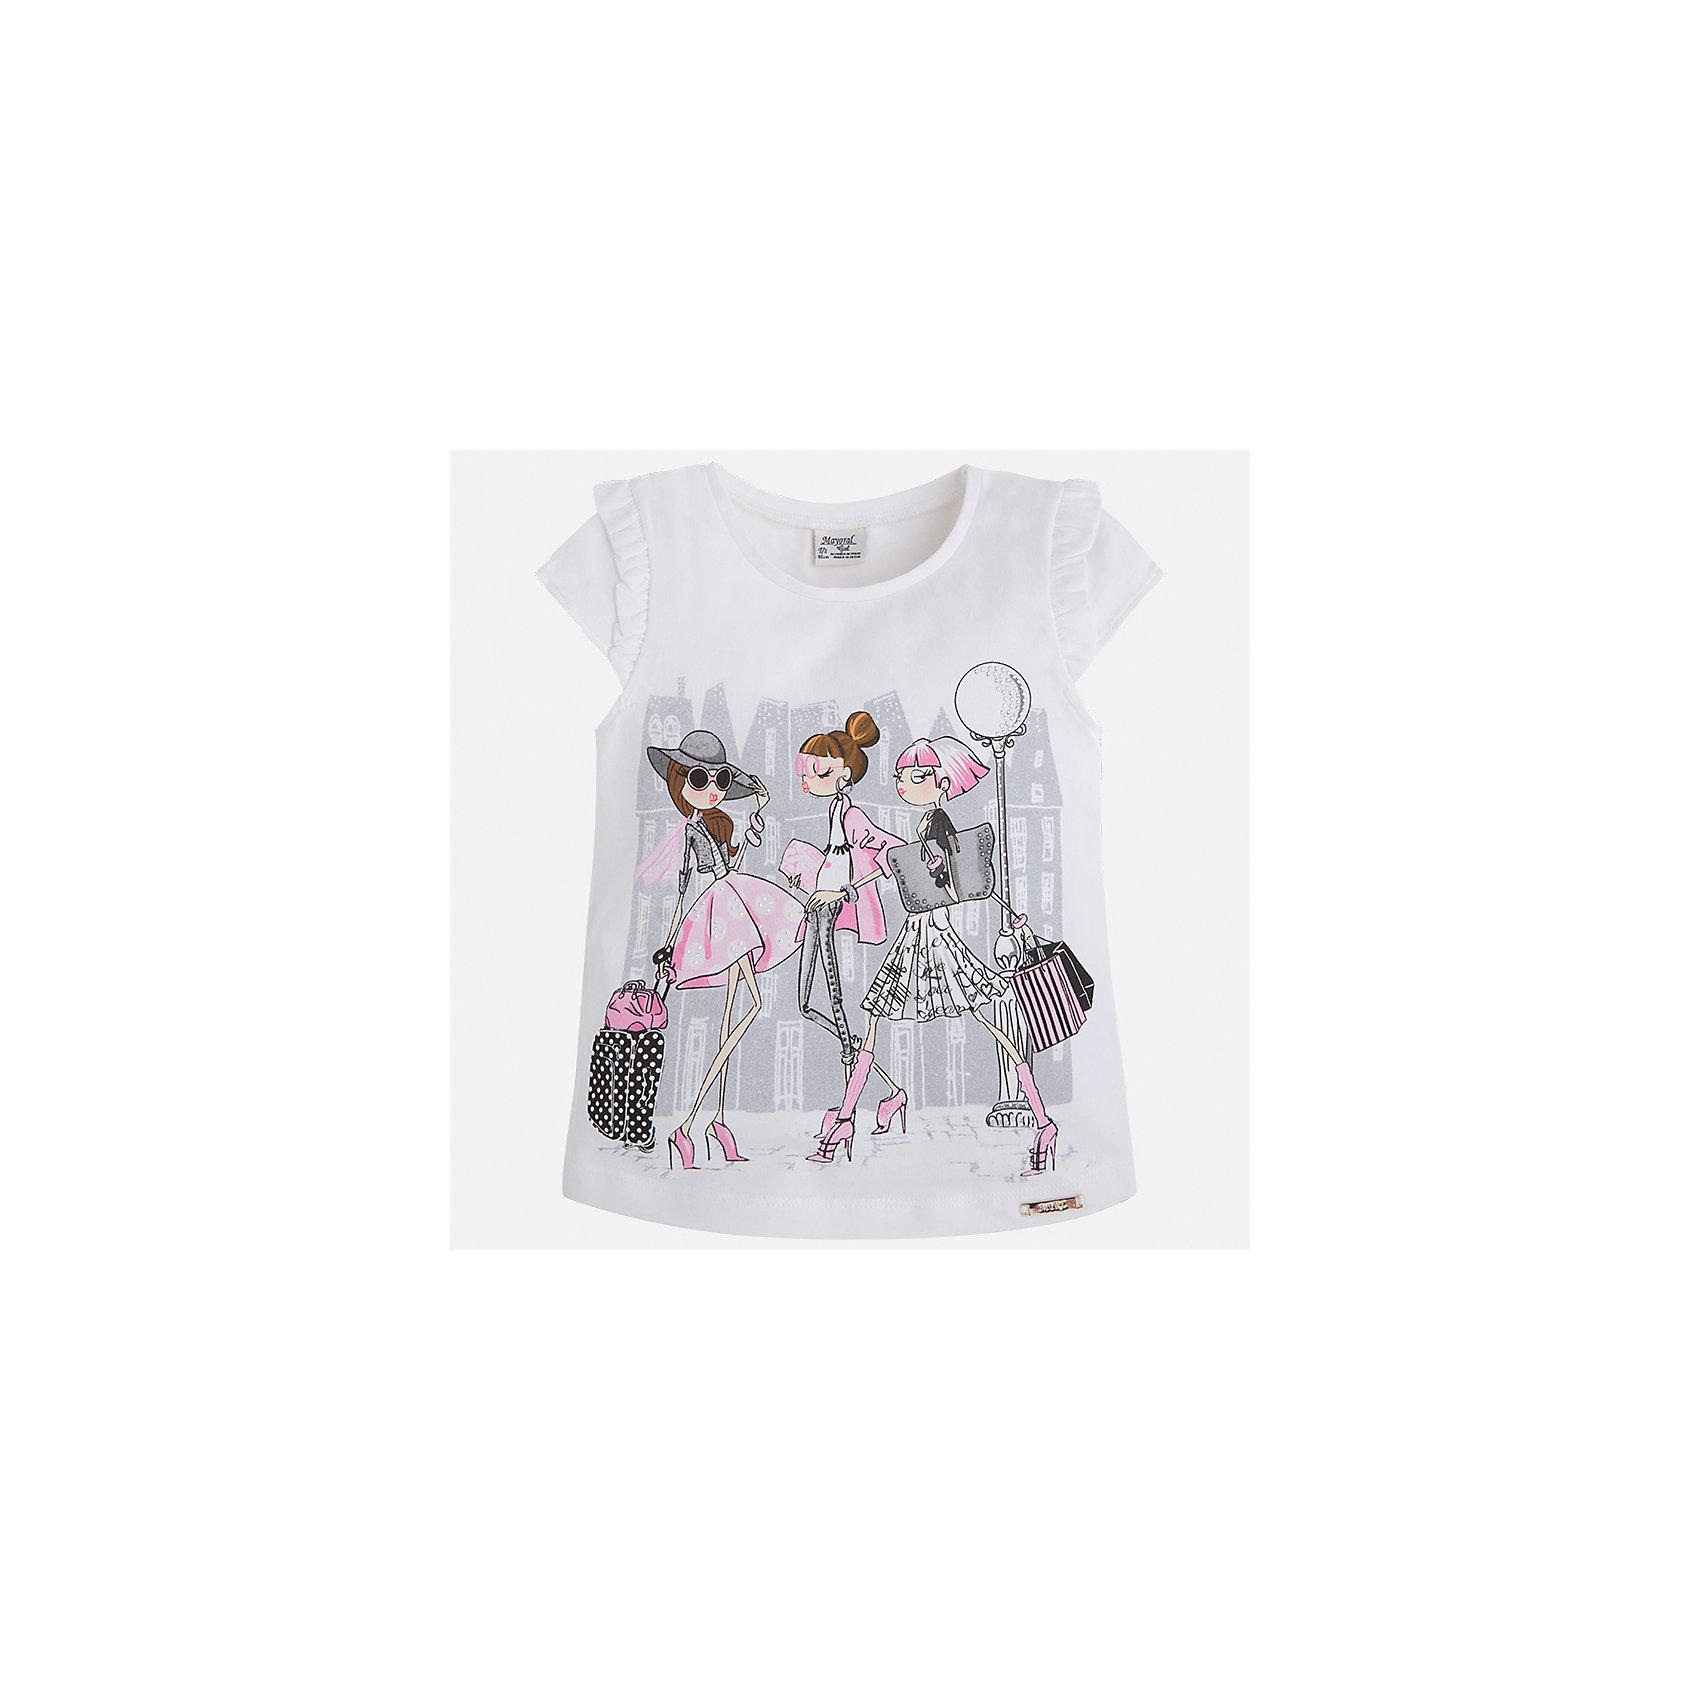 Футболка для девочки MayoralХарактеристики товара:<br><br>• цвет: белый<br>• состав: 92% хлопок, 8% эластан<br>• оборки на рукавах<br>• принт<br>• короткие рукава<br>• округлый горловой вырез<br>• страна бренда: Испания<br><br>Стильная качественная футболка для девочки поможет разнообразить гардероб ребенка и украсить наряд. Она отлично сочетается и с юбками, и с шортами, и с брюками. Универсальный цвет позволяет подобрать к вещи низ практически любой расцветки. Интересная отделка модели делает её нарядной и оригинальной. В составе ткани преобладает натуральный хлопок, гипоаллергенный, приятный на ощупь, дышащий.<br><br>Одежда, обувь и аксессуары от испанского бренда Mayoral полюбились детям и взрослым по всему миру. Модели этой марки - стильные и удобные. Для их производства используются только безопасные, качественные материалы и фурнитура. Порадуйте ребенка модными и красивыми вещами от Mayoral! <br><br>Футболку для девочки от испанского бренда Mayoral (Майорал) можно купить в нашем интернет-магазине.<br><br>Ширина мм: 199<br>Глубина мм: 10<br>Высота мм: 161<br>Вес г: 151<br>Цвет: фиолетовый<br>Возраст от месяцев: 96<br>Возраст до месяцев: 108<br>Пол: Женский<br>Возраст: Детский<br>Размер: 134,92,98,104,110,116,122,128<br>SKU: 5289289